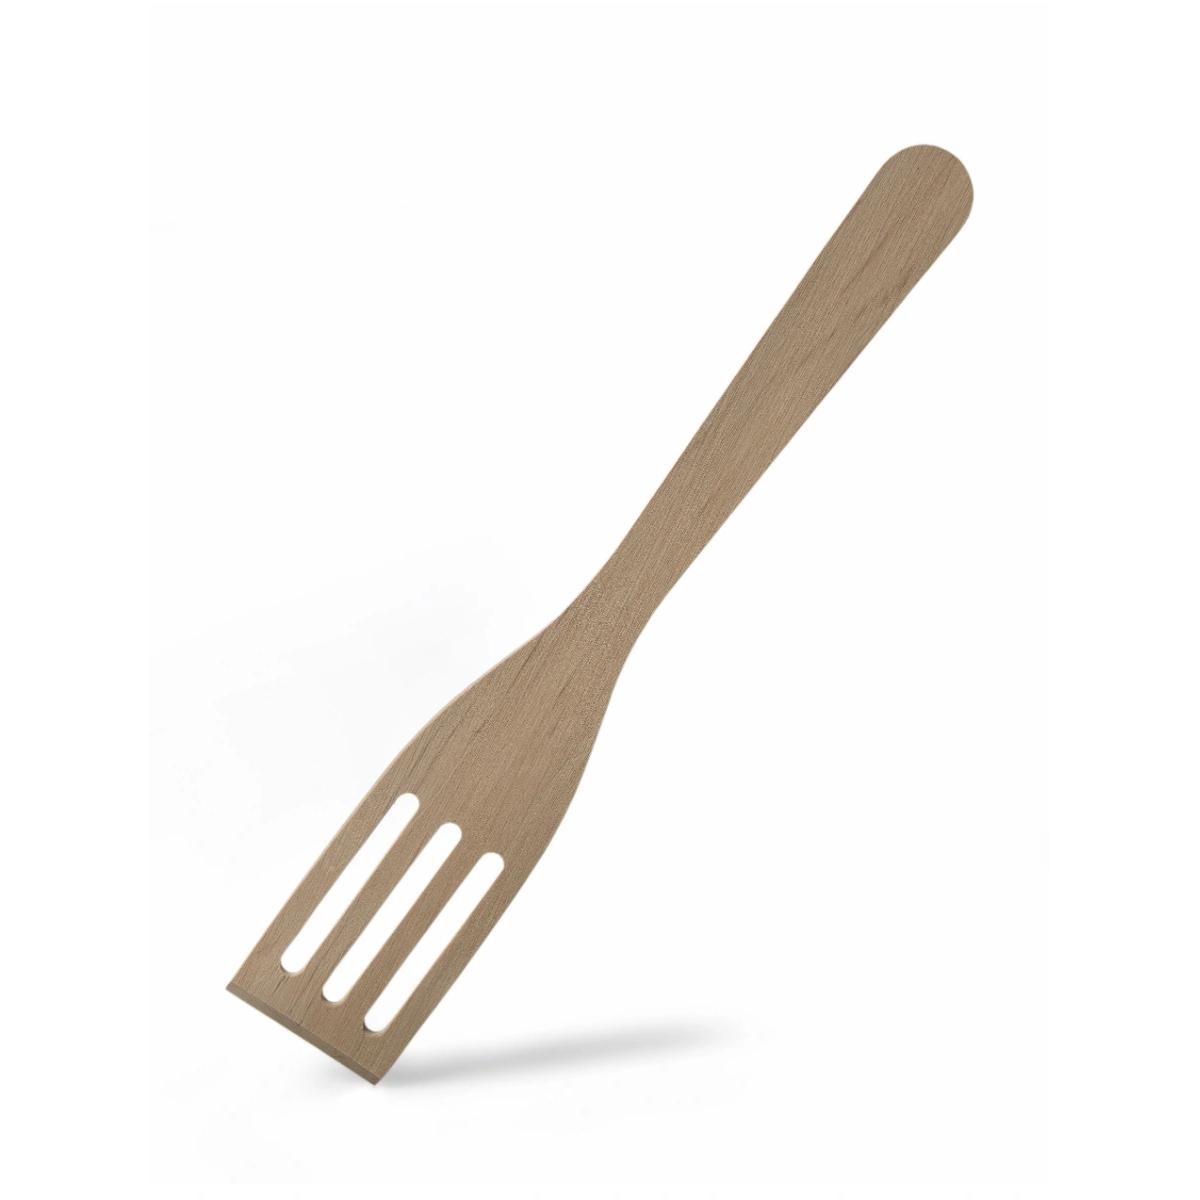 Лопатка кухонная с прорезями А-Фабрик бук 26x5x3 см лопатка кухонная 28х5см бук